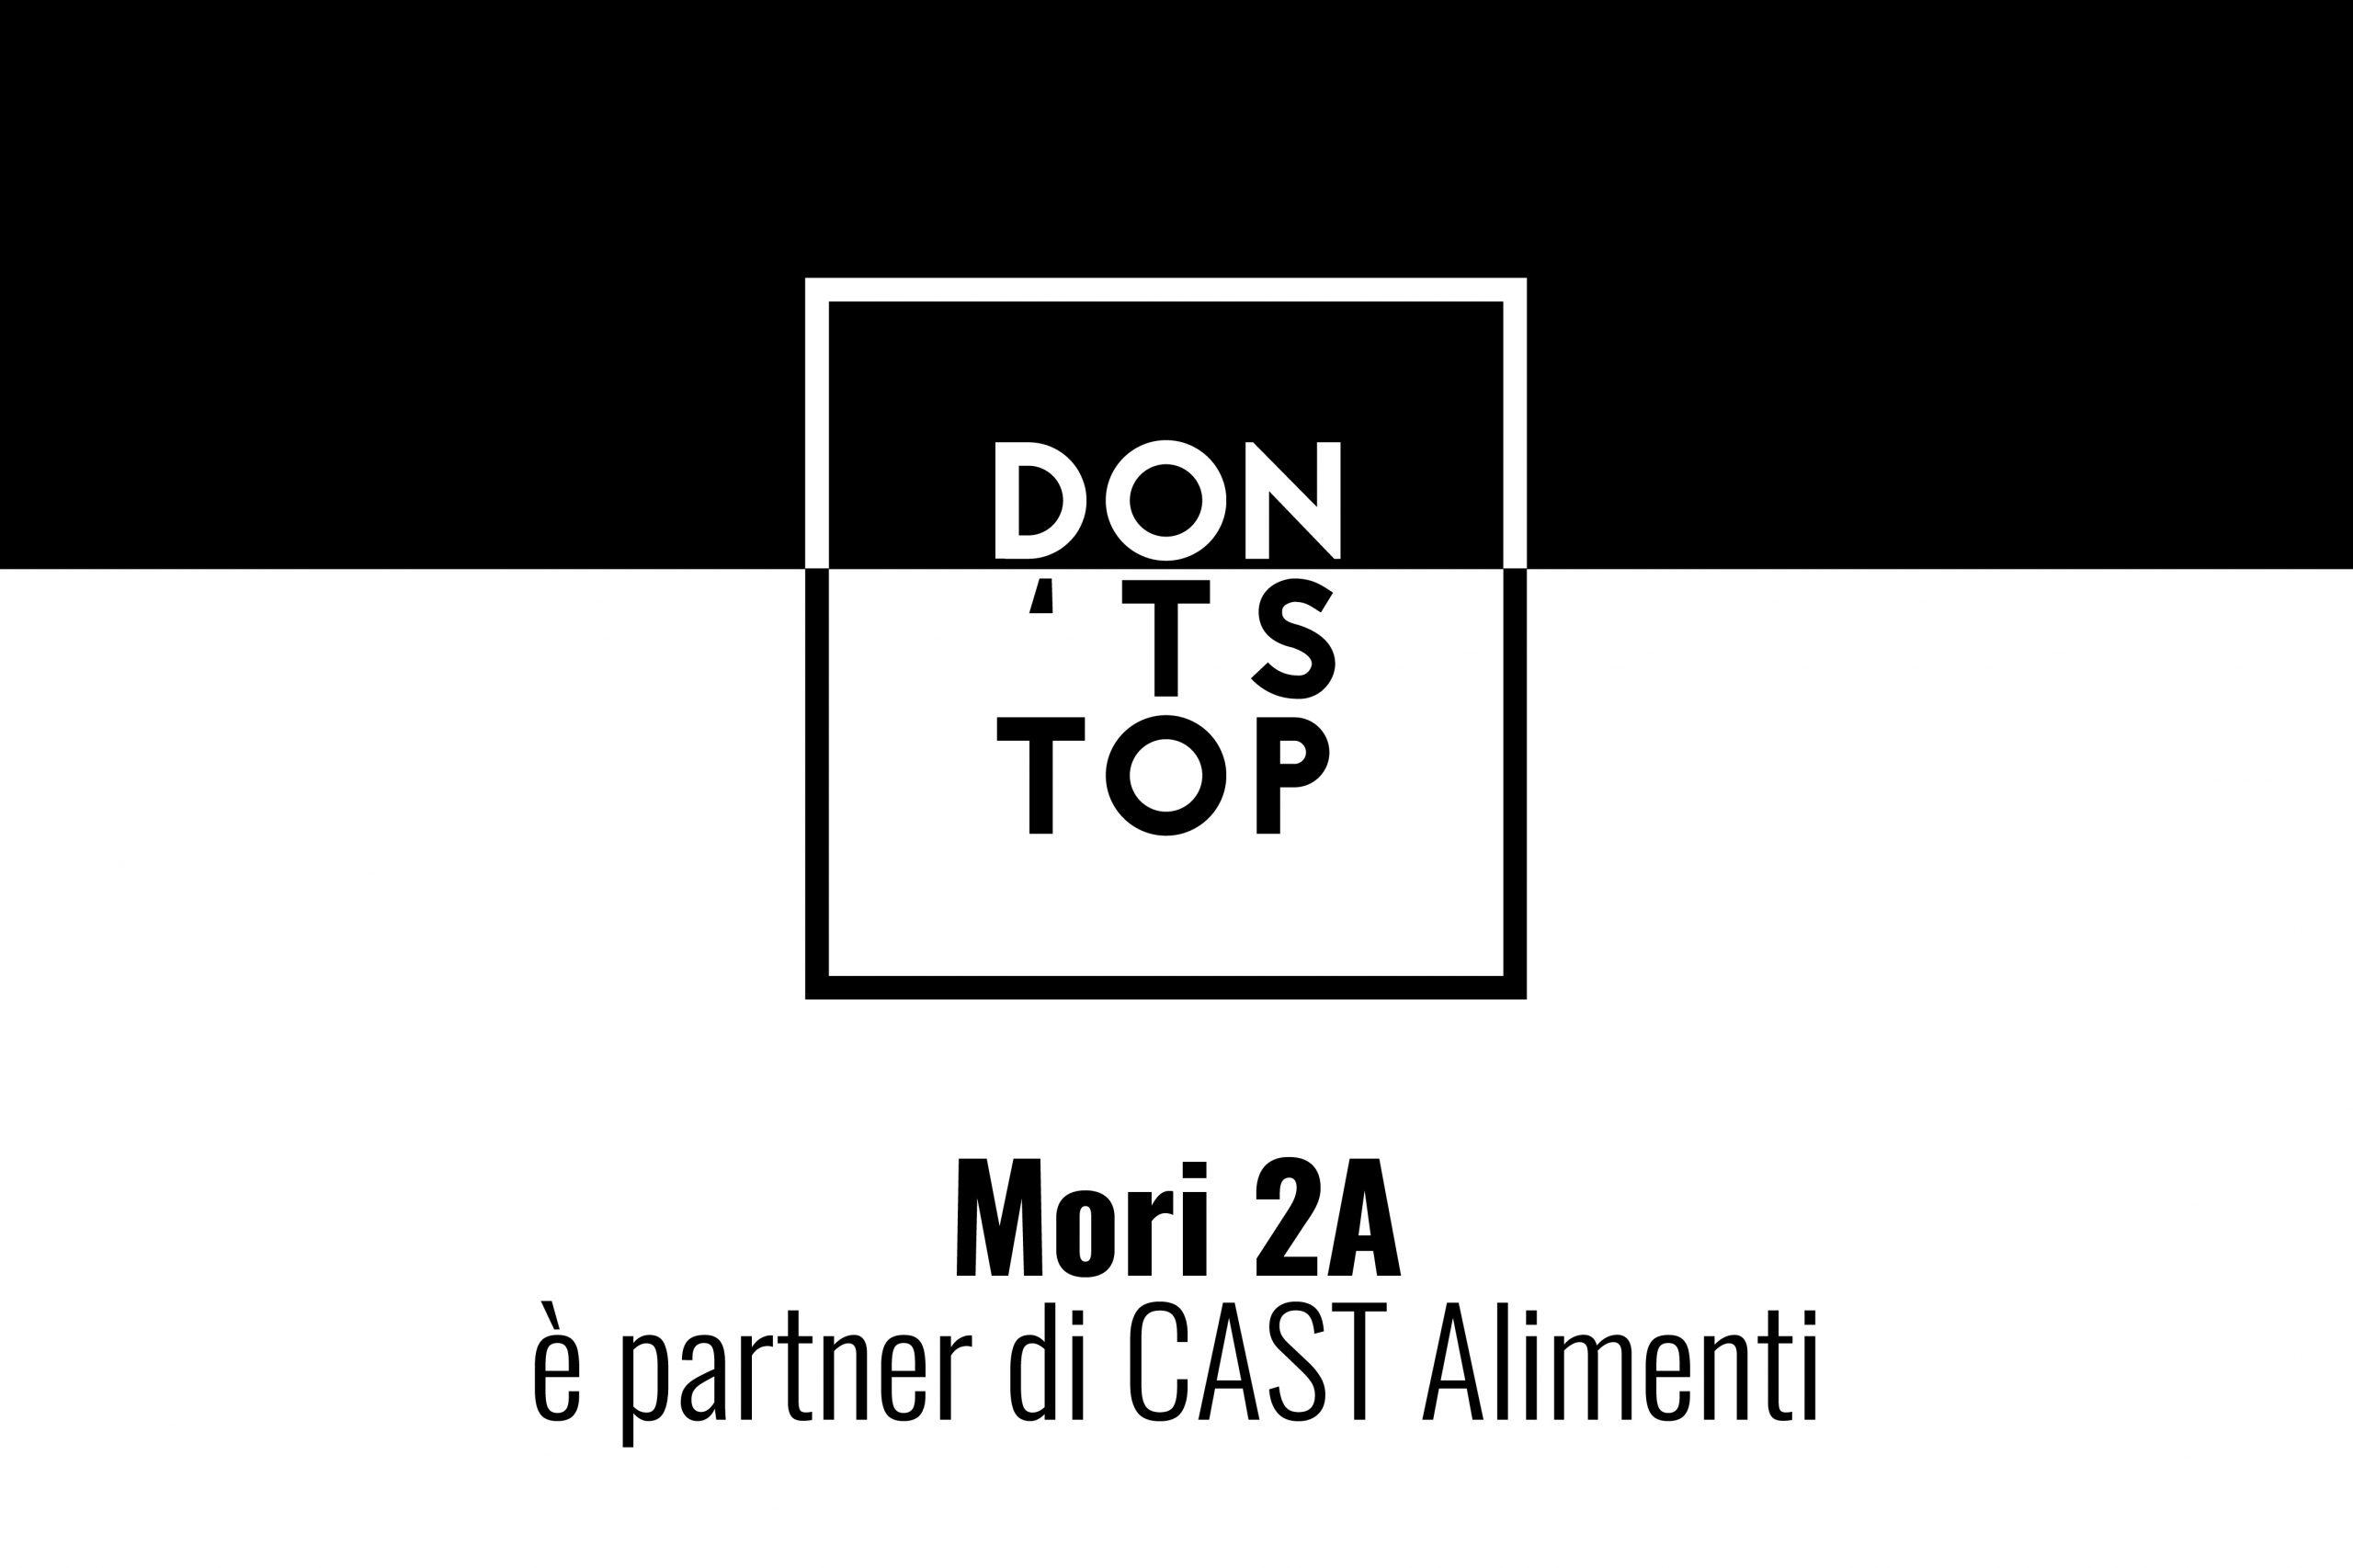 Don't Stop: Mori 2A è partner di CAST Alimenti